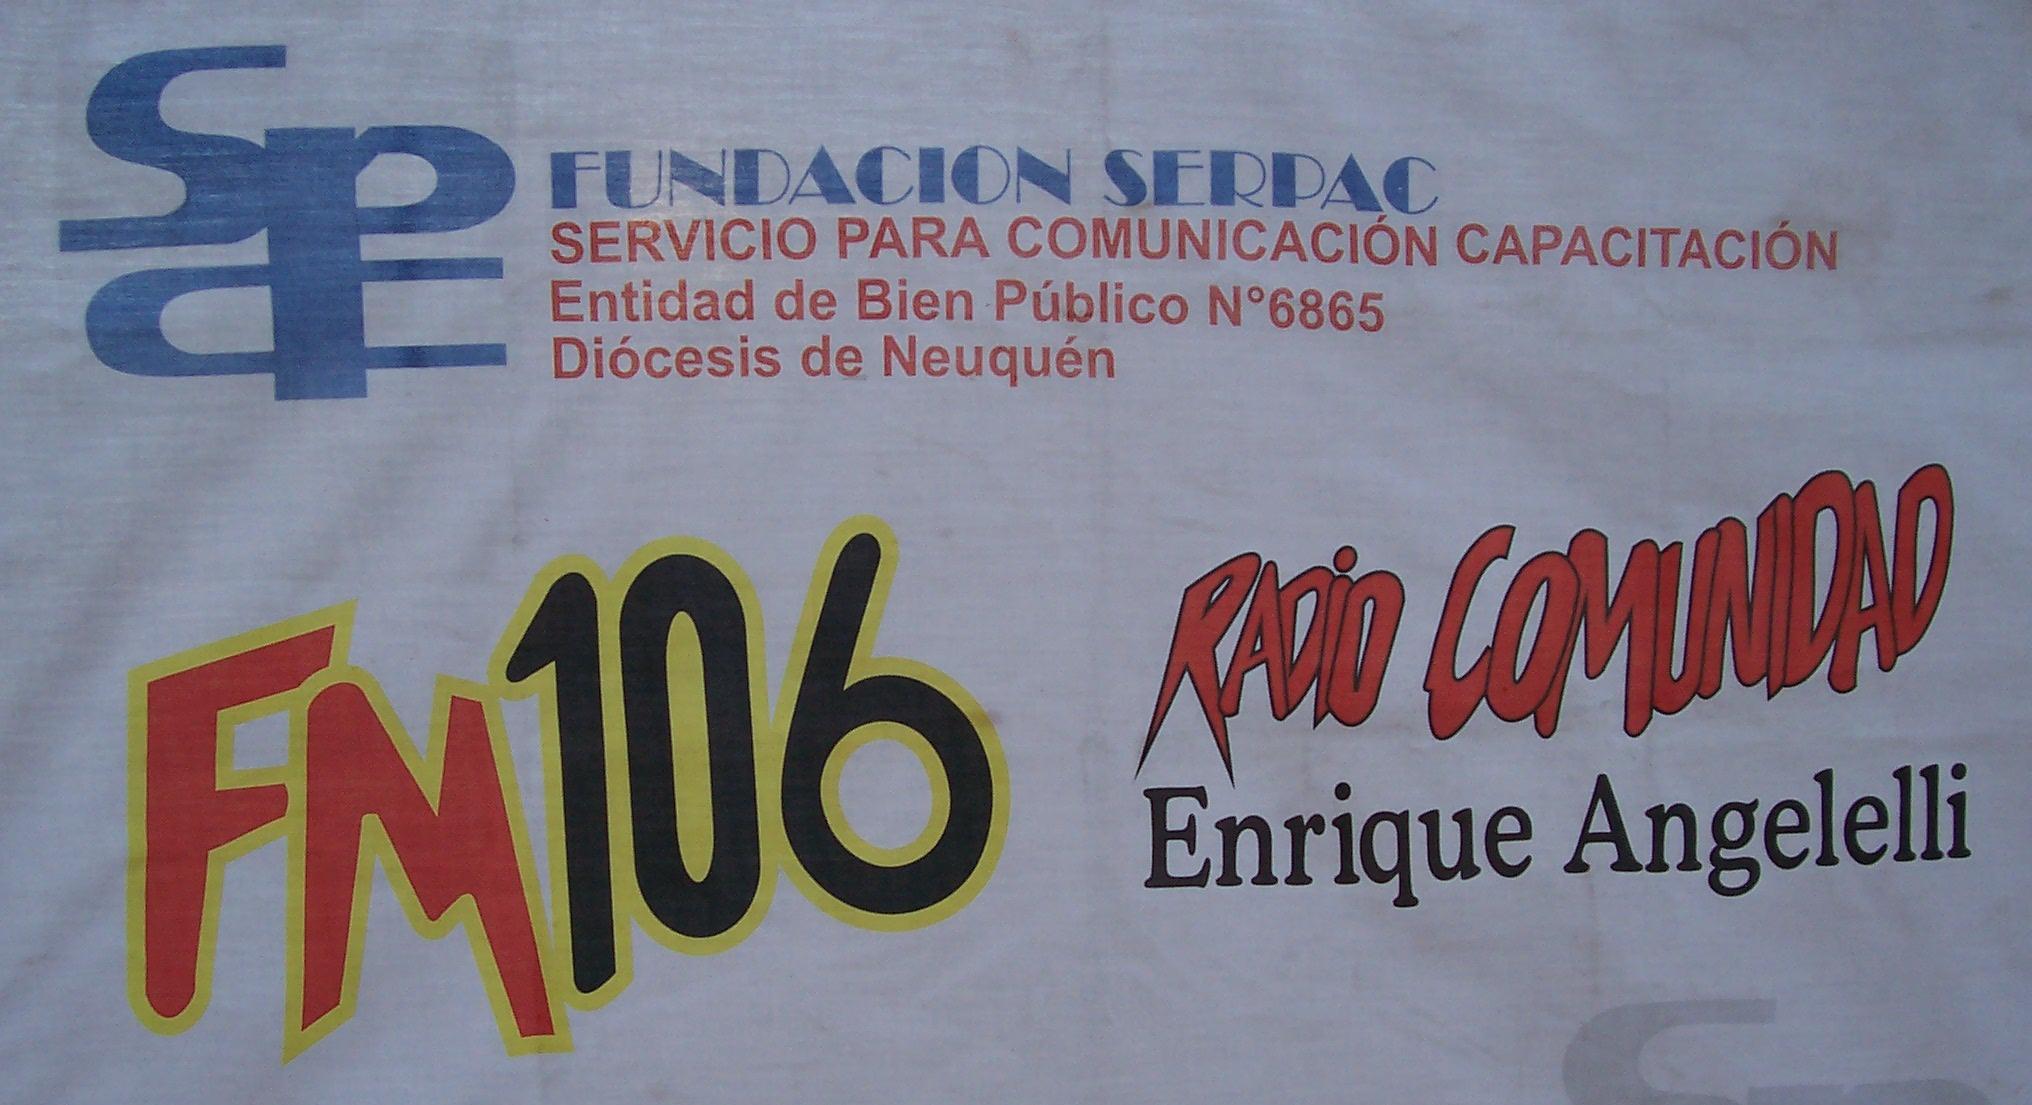 Emisoras comunitarias de origen católico: en la sintonía de Cajade